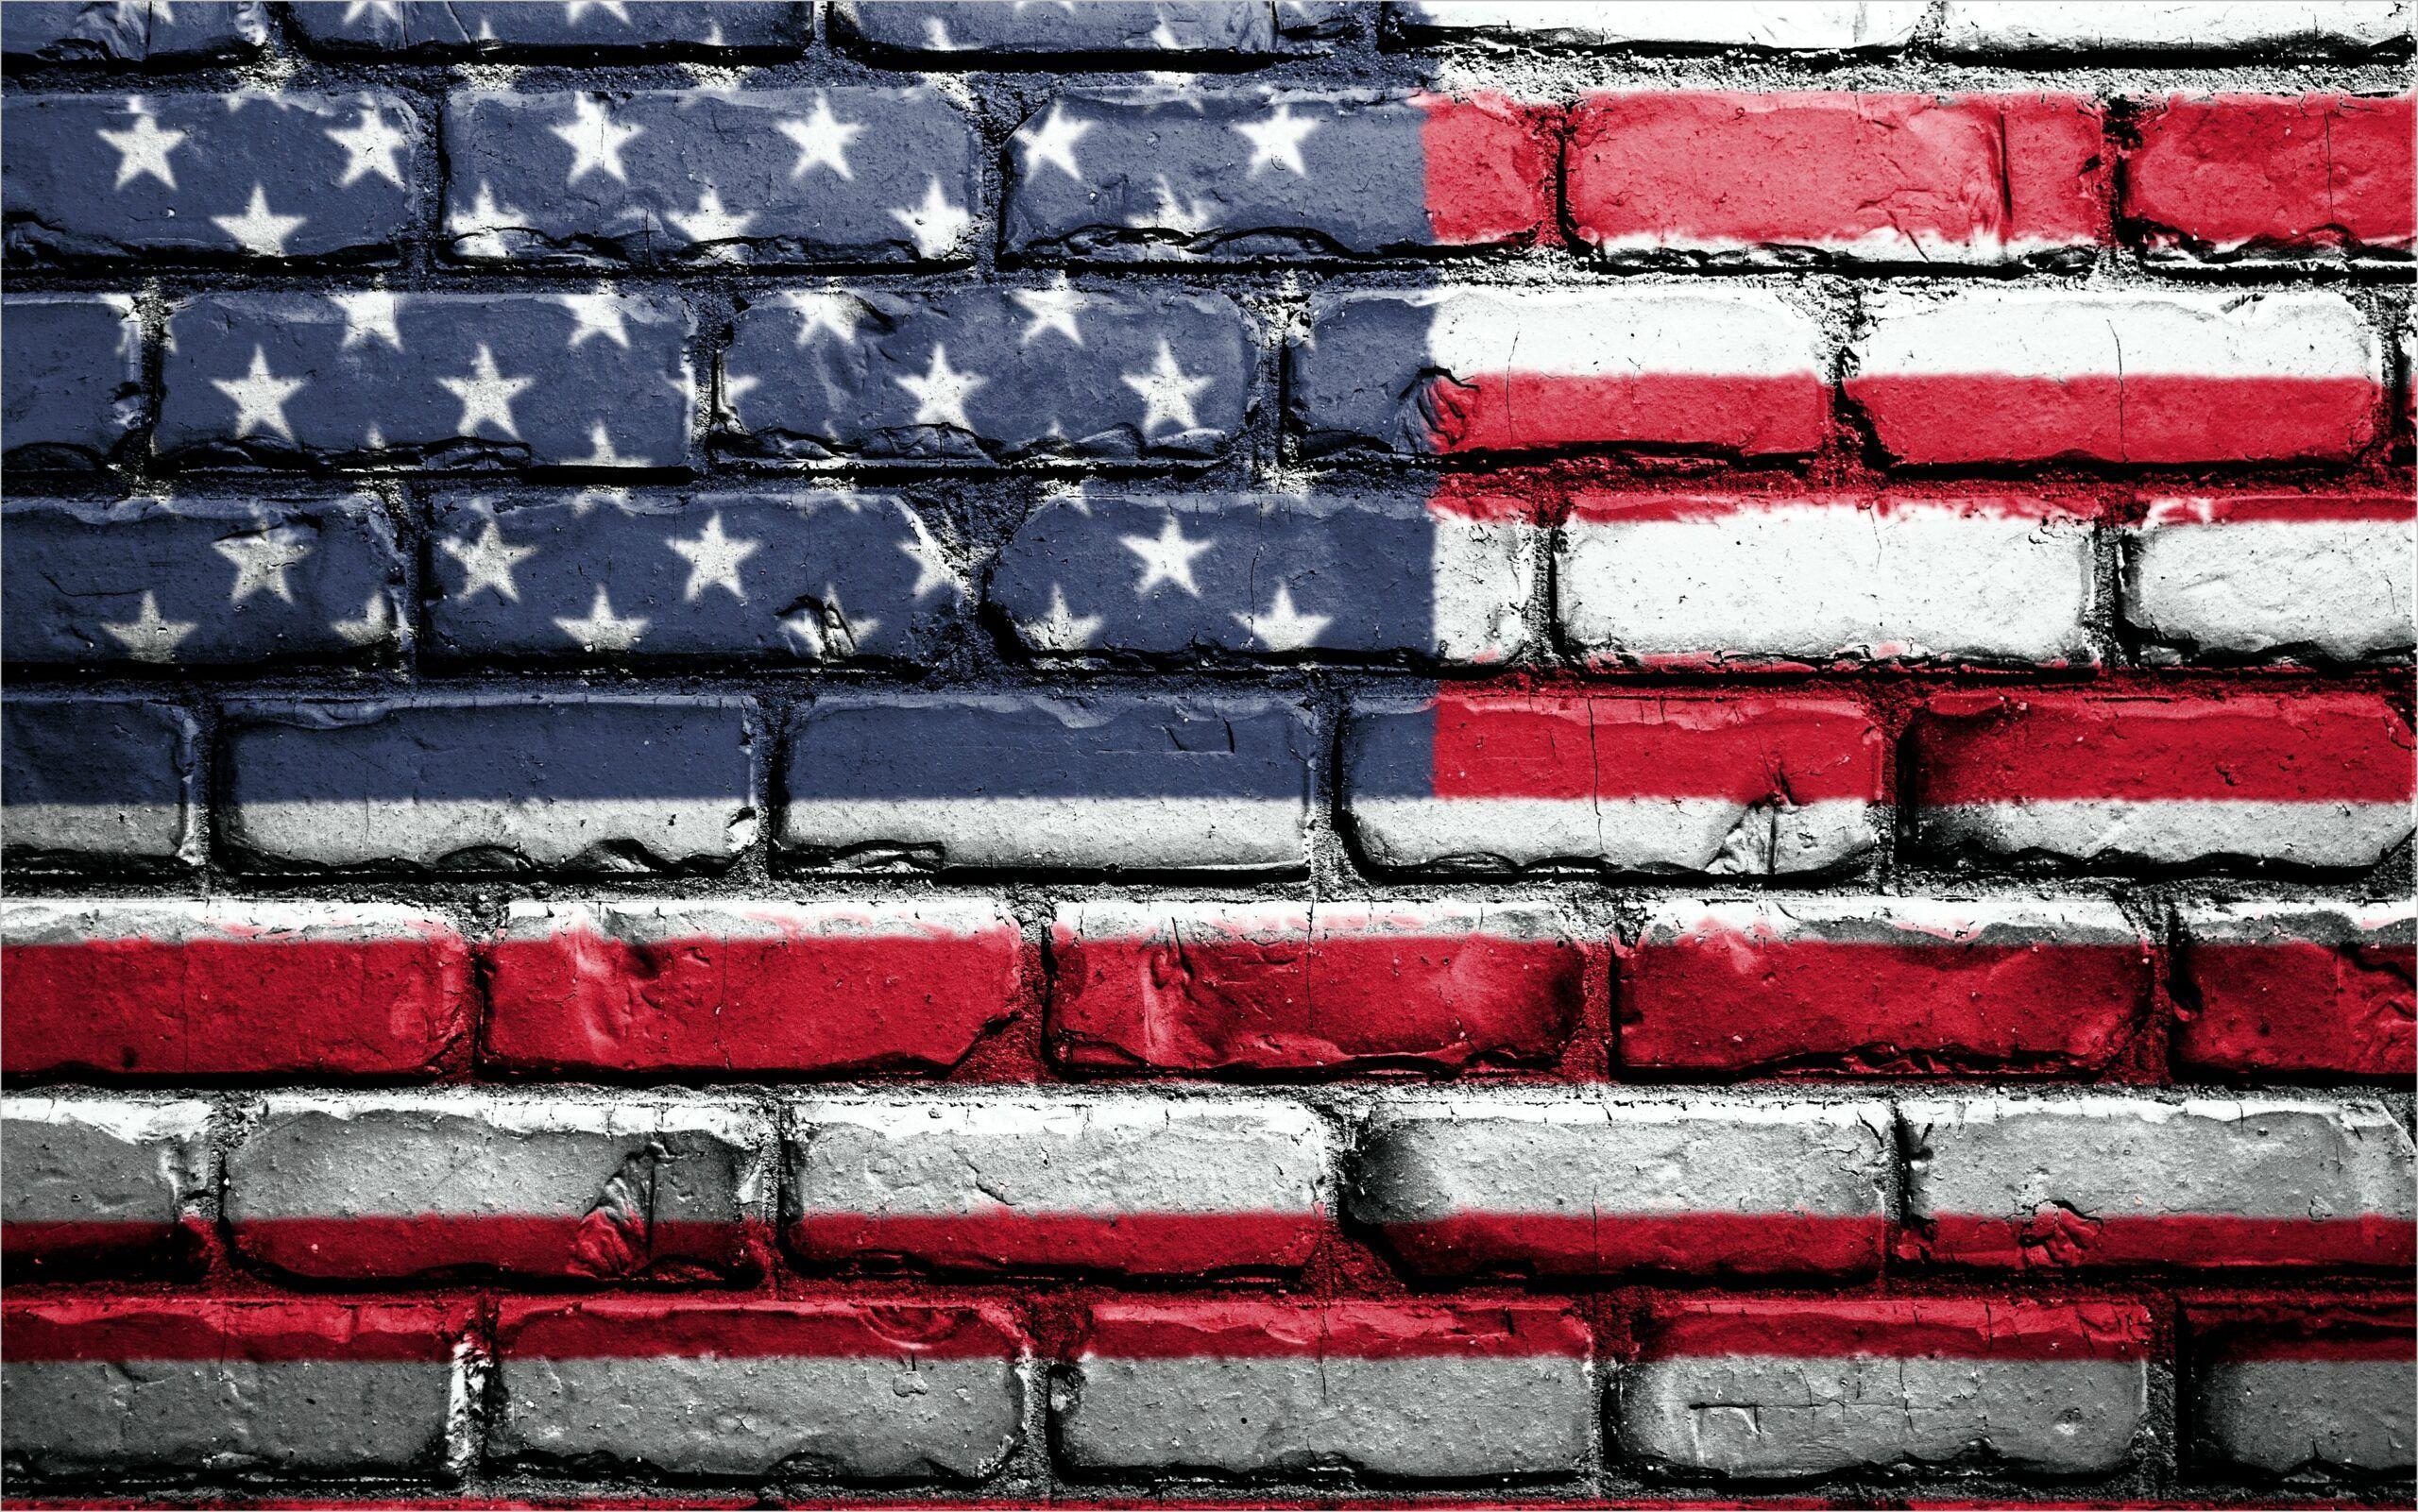 Usa Flag Wallpaper 4k In 2020 Usa Flag Wallpaper American Flag Wallpaper Wallpaper